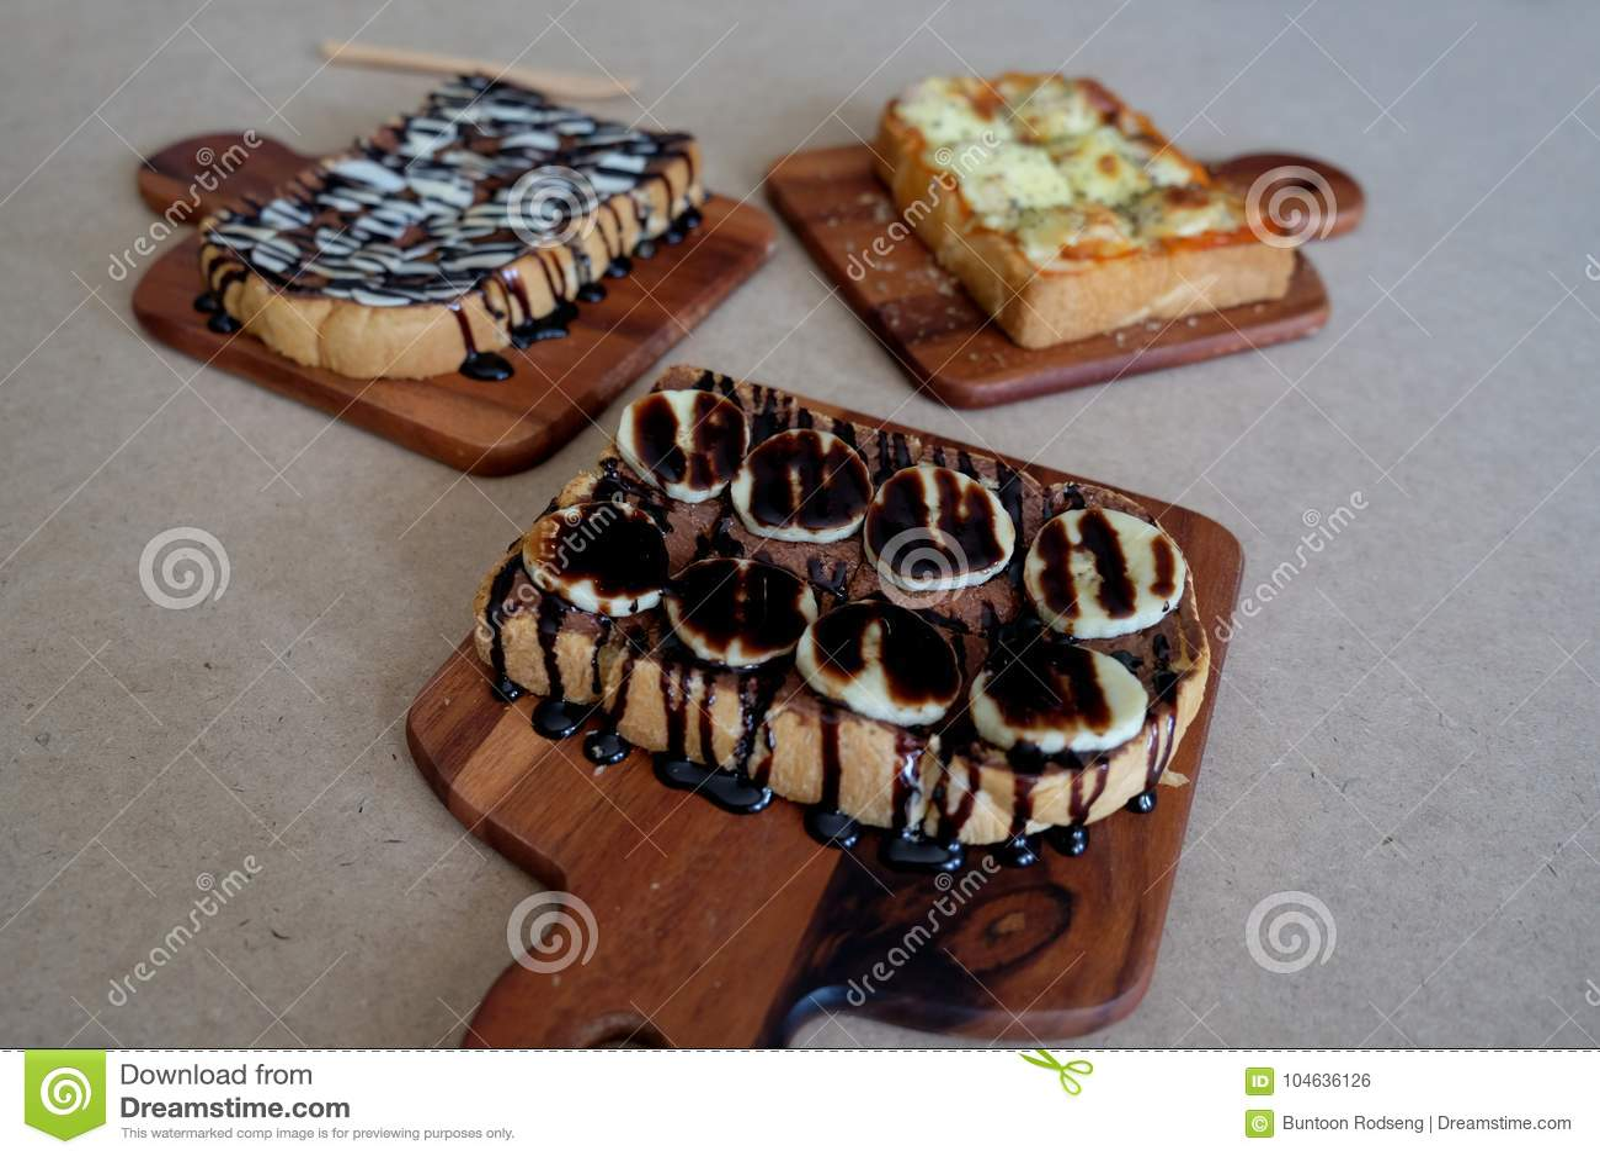 Download Ontbijttoost, Pizza, Bananenchocolade, Chocoladepinda Stock Foto - Afbeelding bestaande uit brood, gezond: 104636126